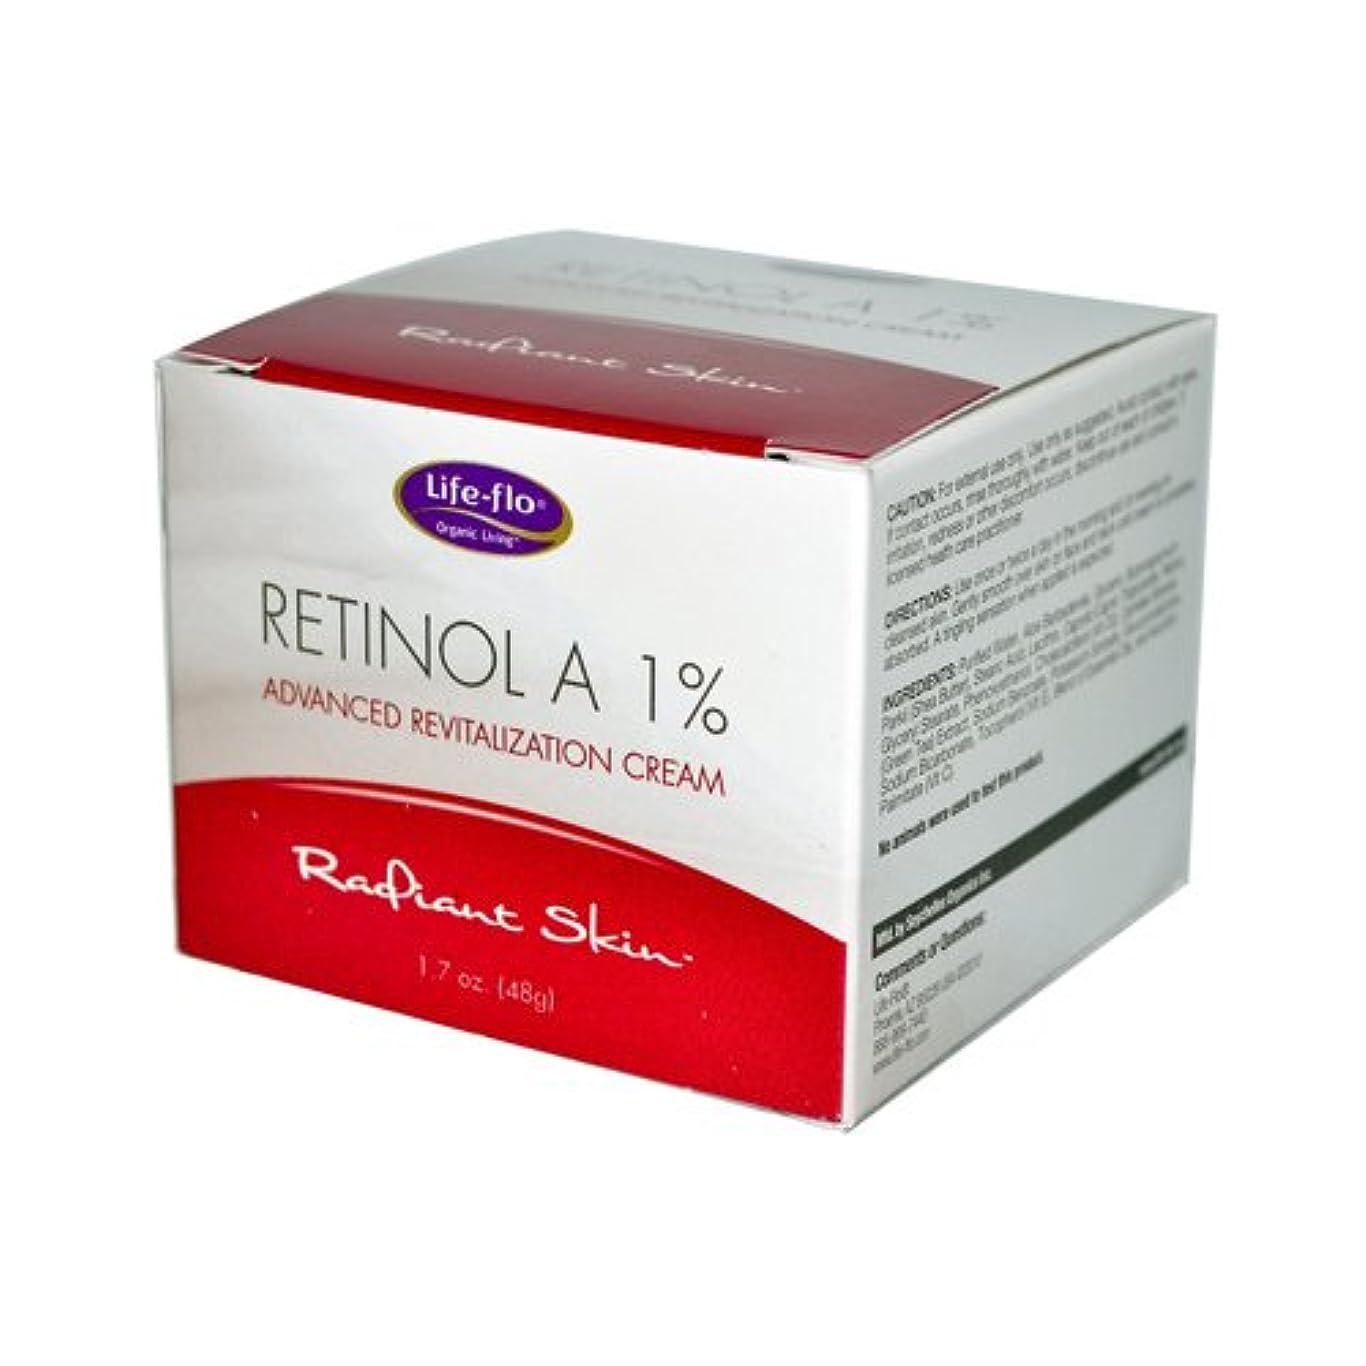 交換可能第五どこ海外直送品 Life-Flo Retinol A 1% Advanced Revitalization Cream, 1.7 oz